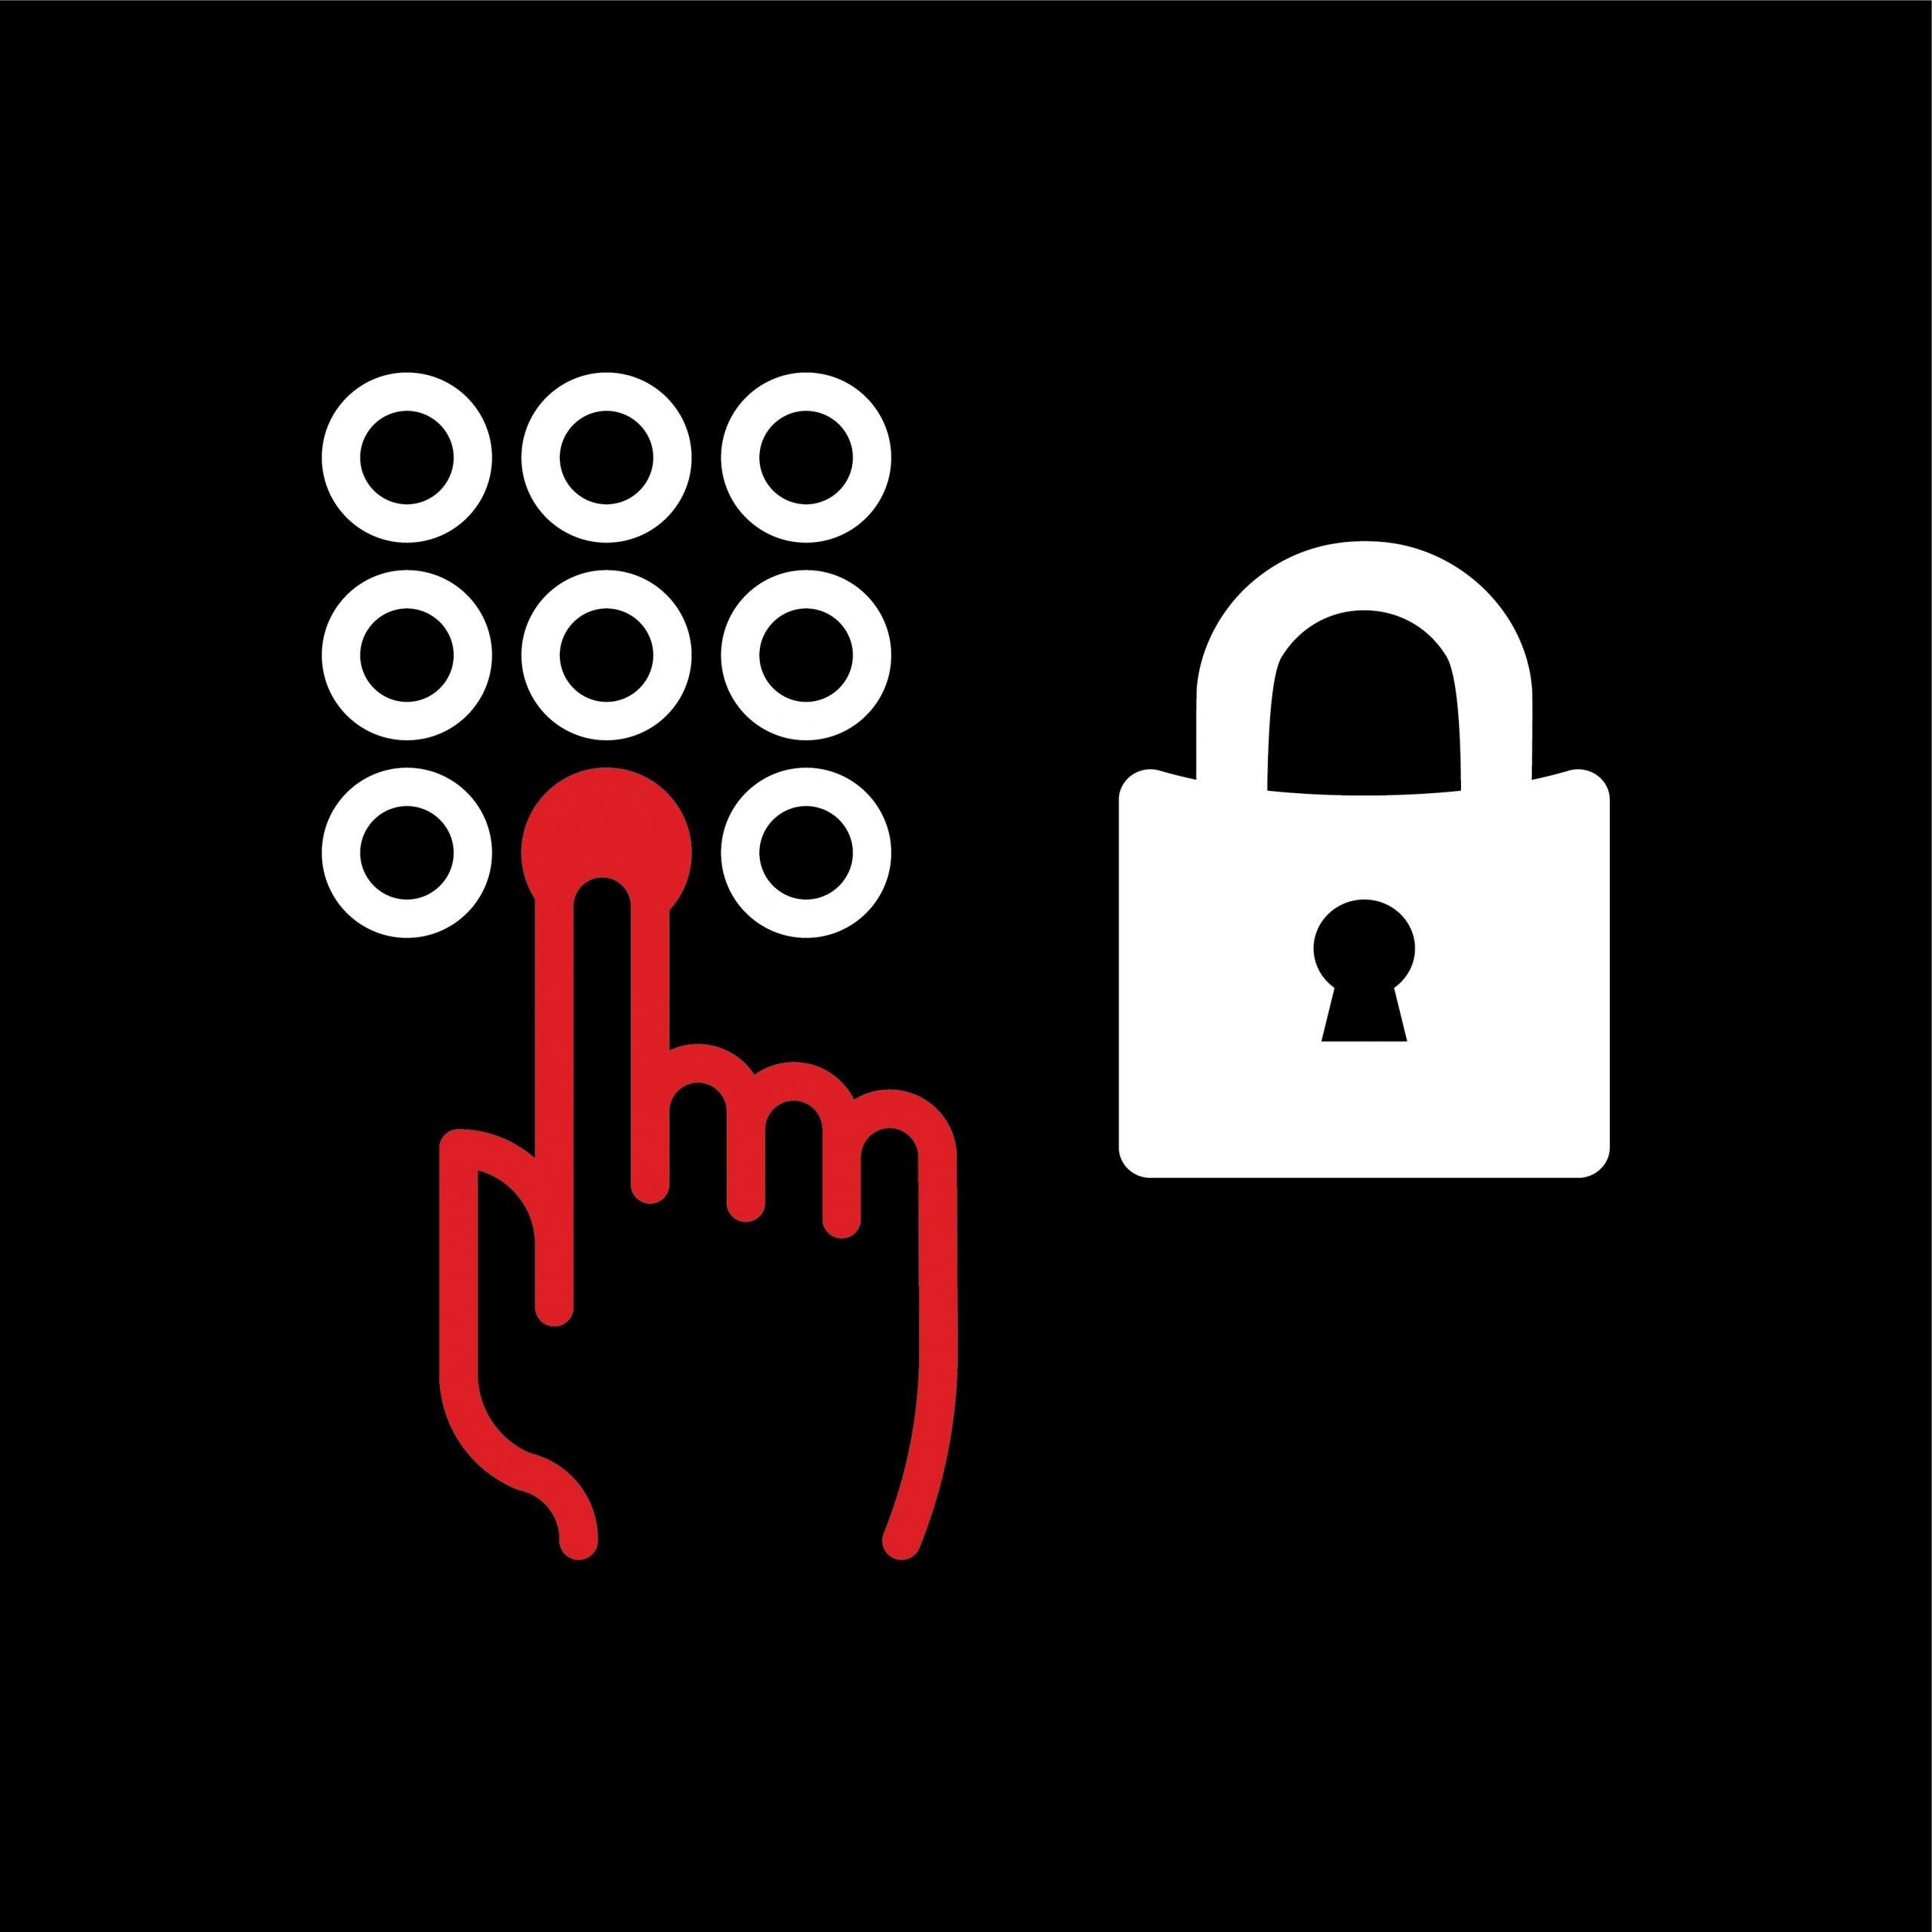 LOST_keypad